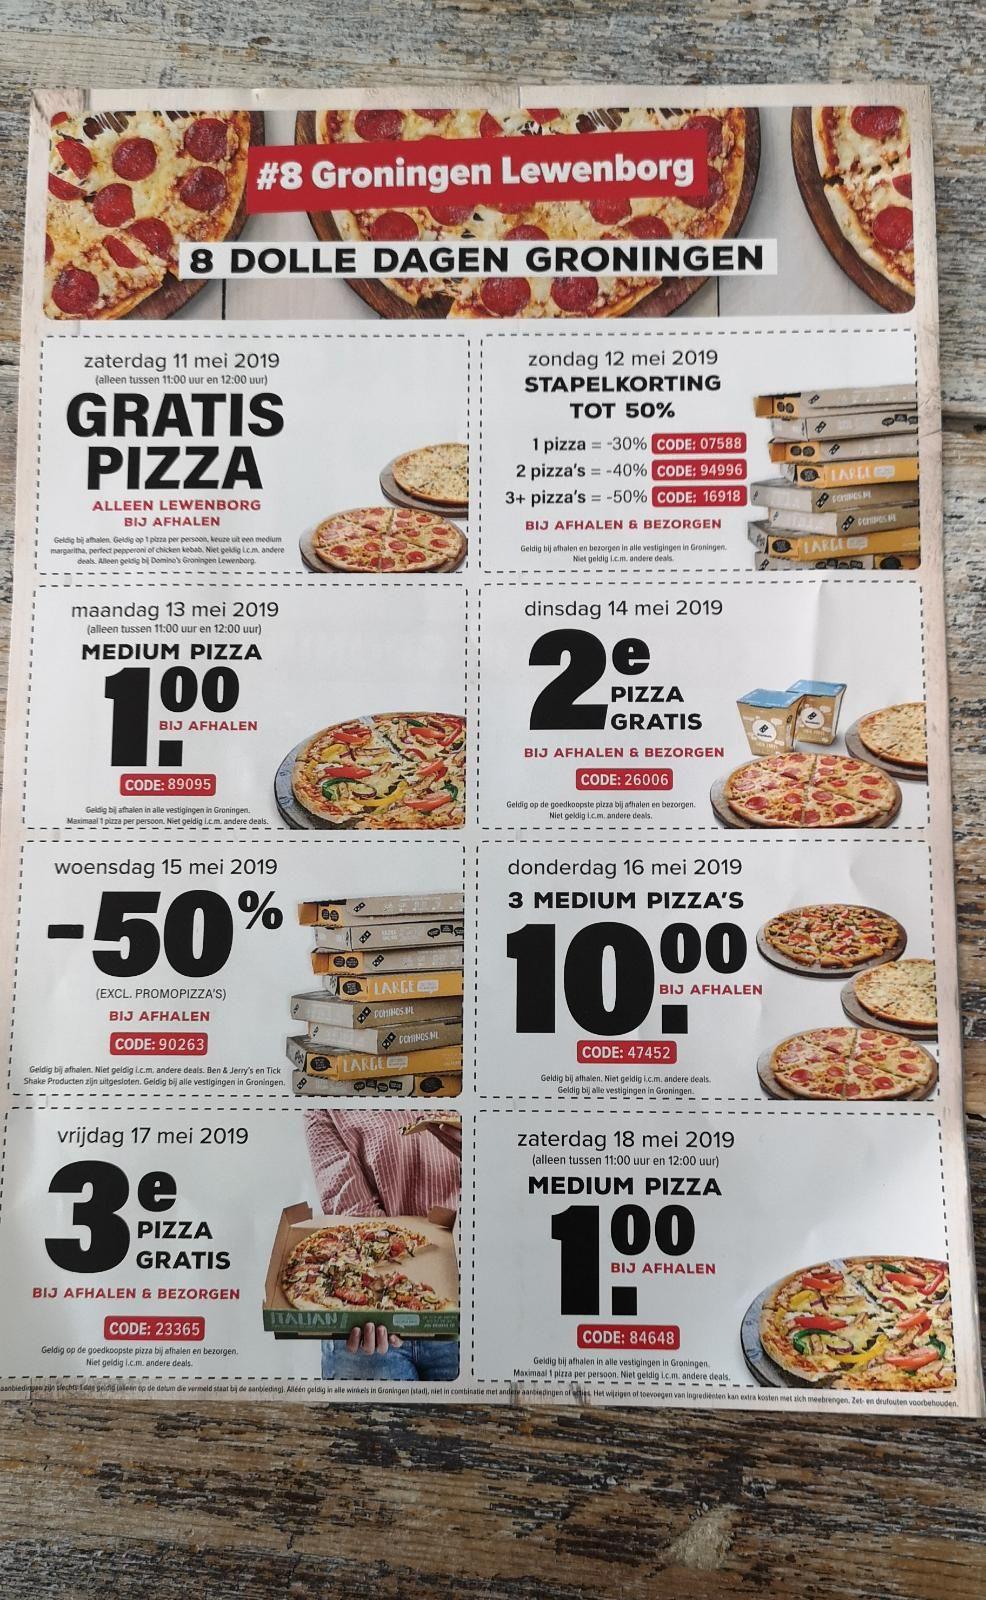 Gratis pizza, 50% korting en meer bij Domino's Groningen